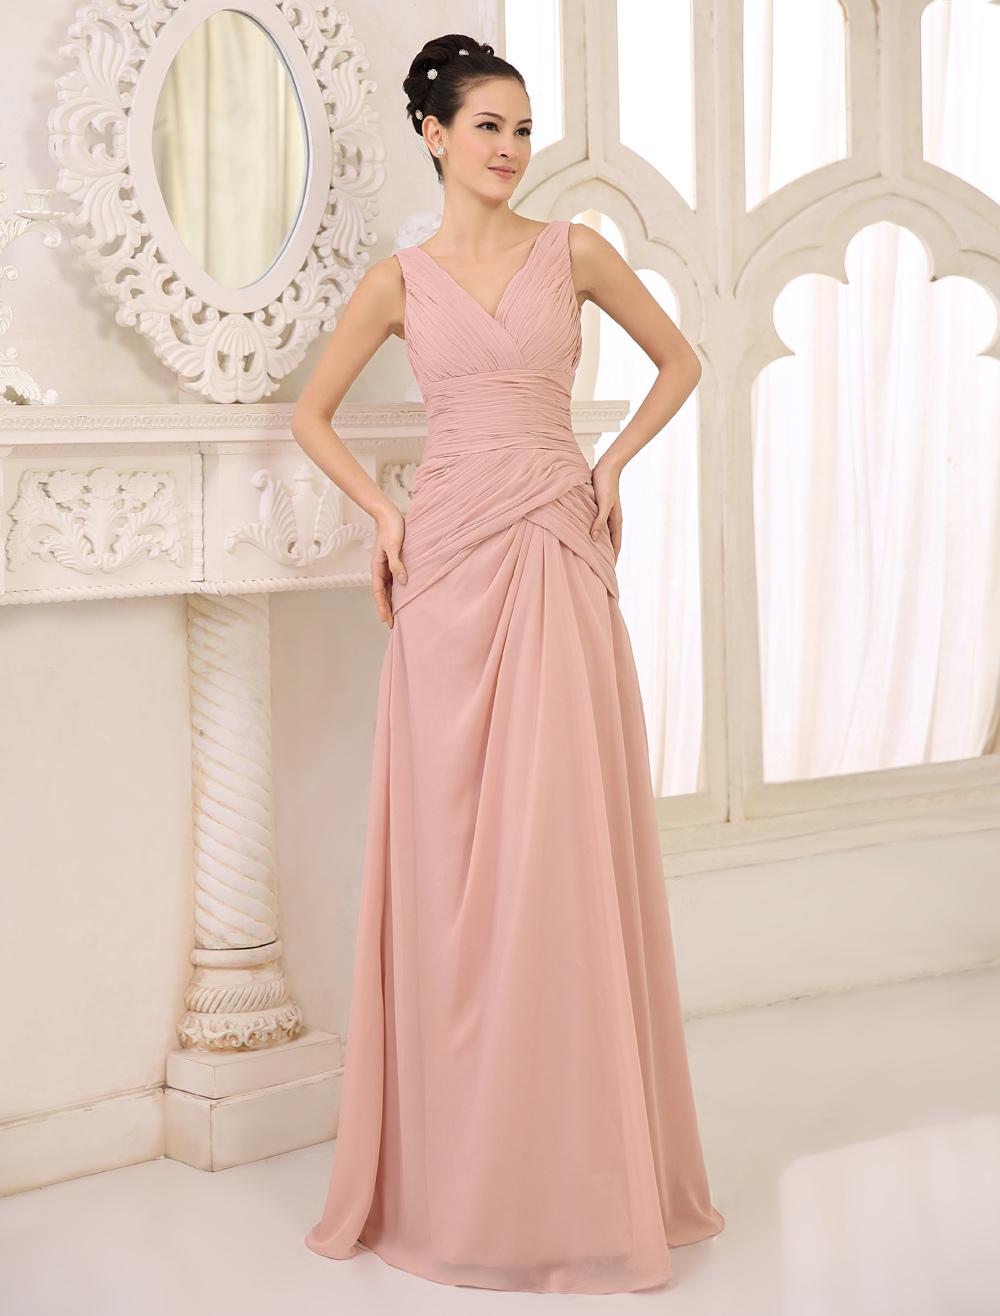 Blush vestido de dama de honor rosa gasa acanalada vestido de fiesta ...